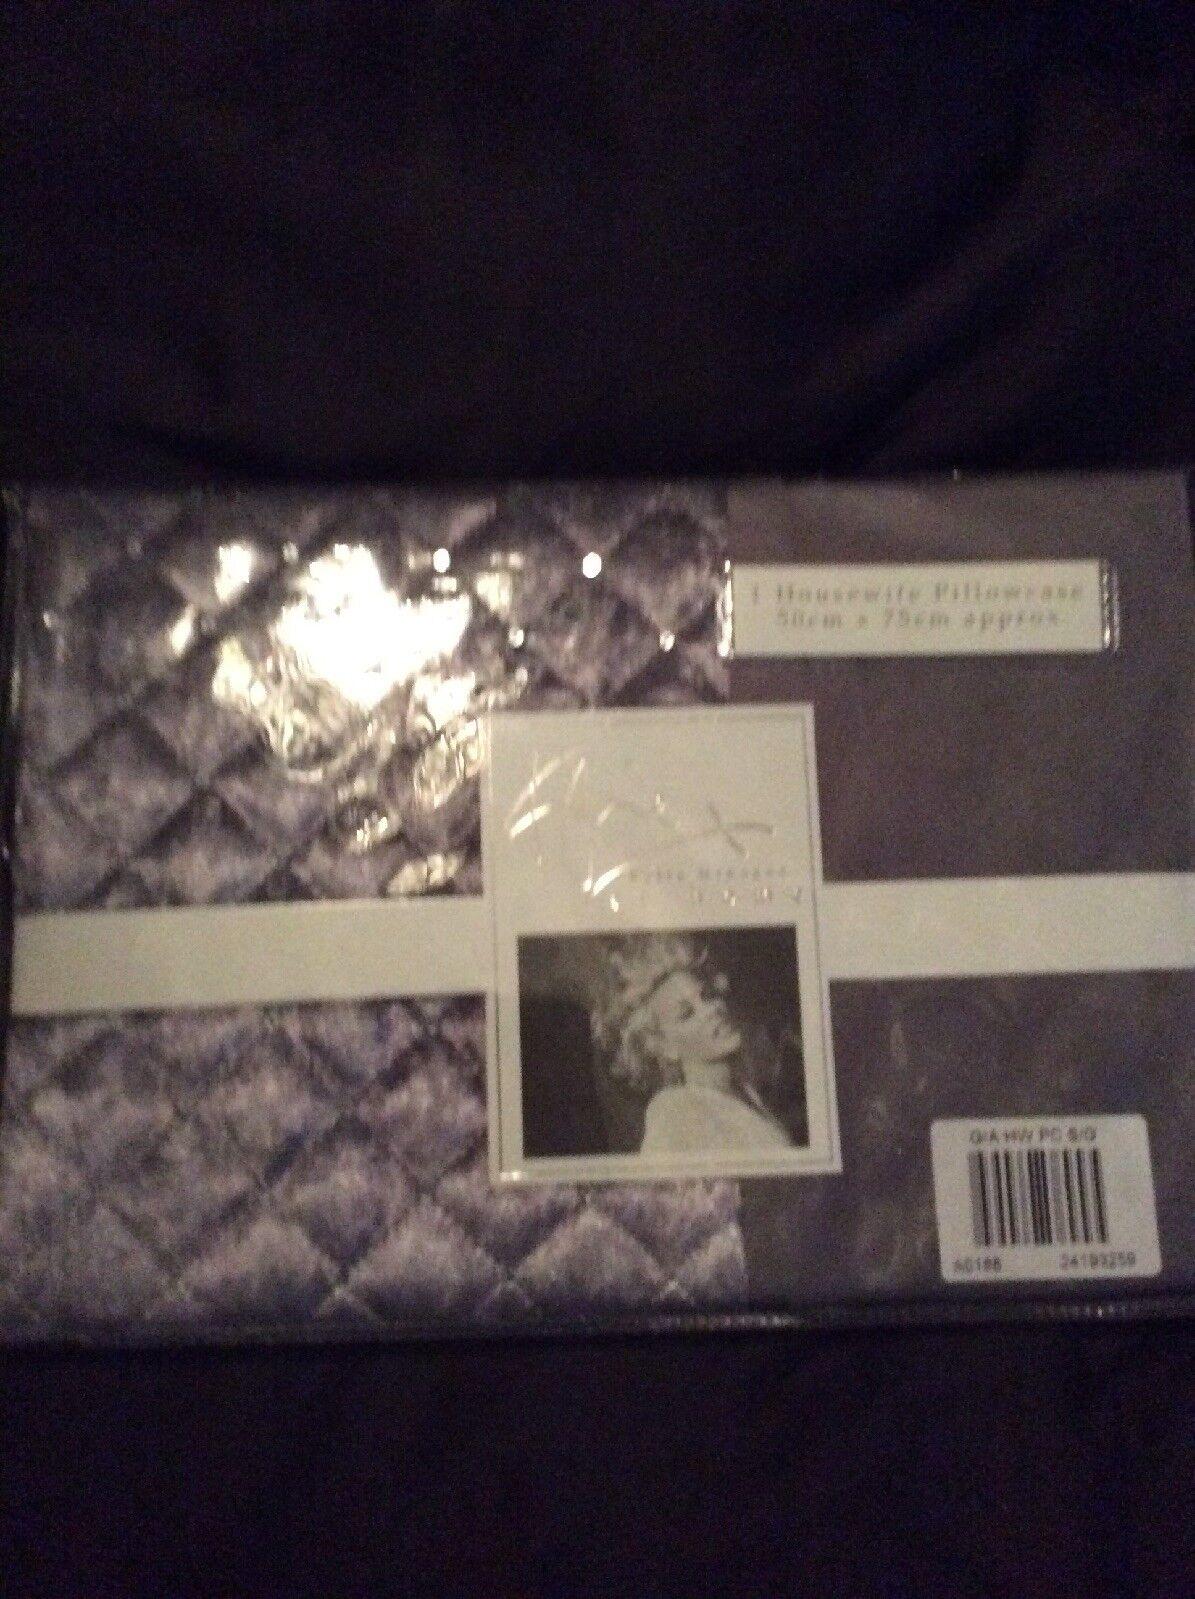 Kylie Gia hauswife Pillowcase X 2